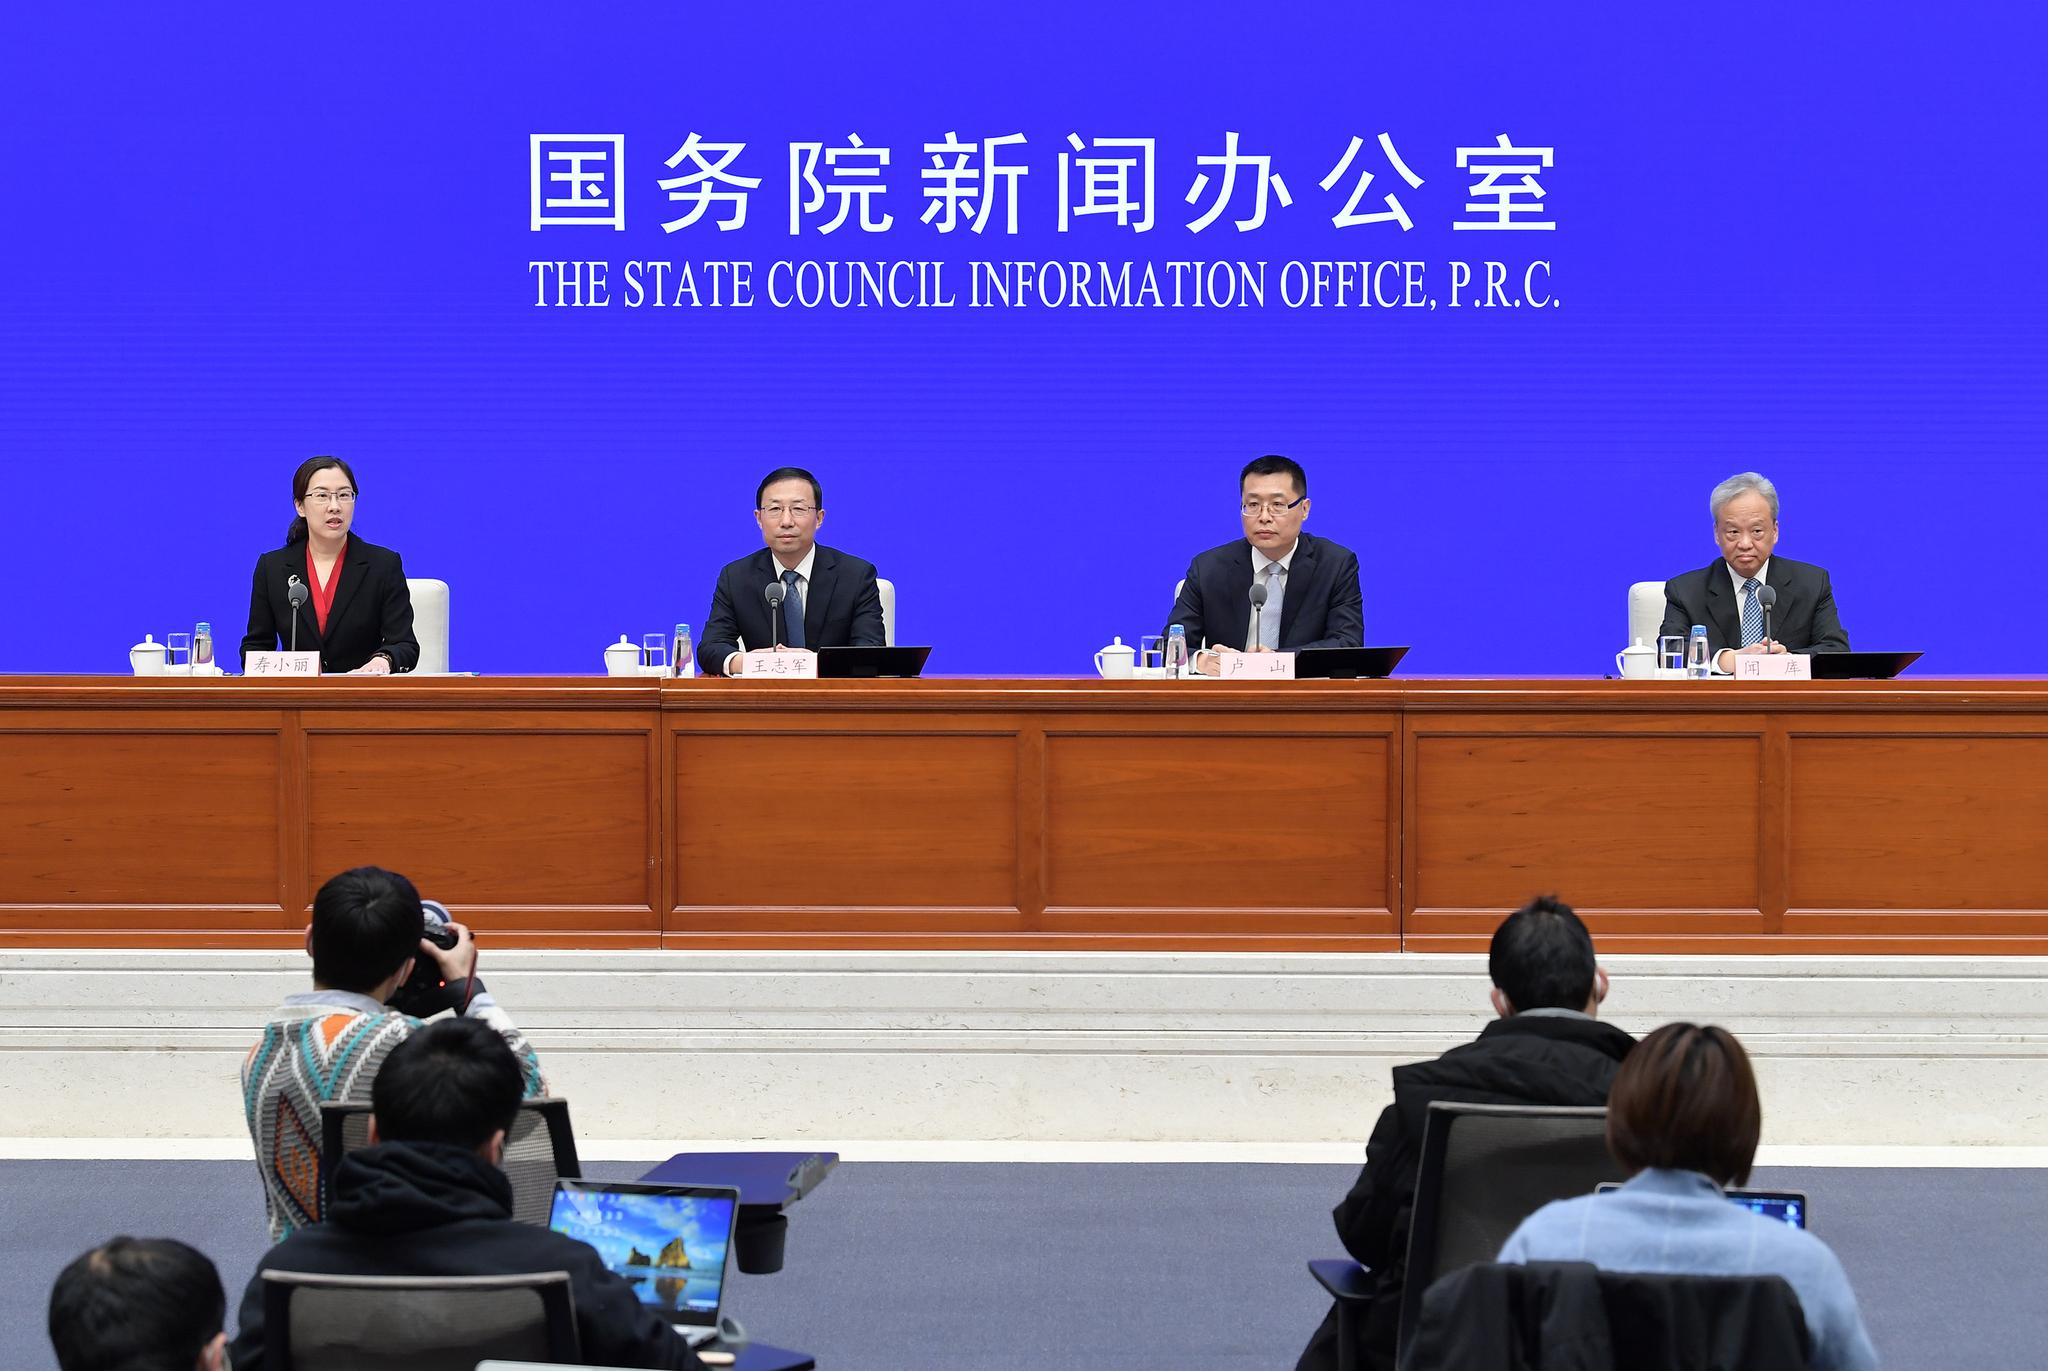 新华财经|工信部:将研究制定APP个人信息保护暂行规定